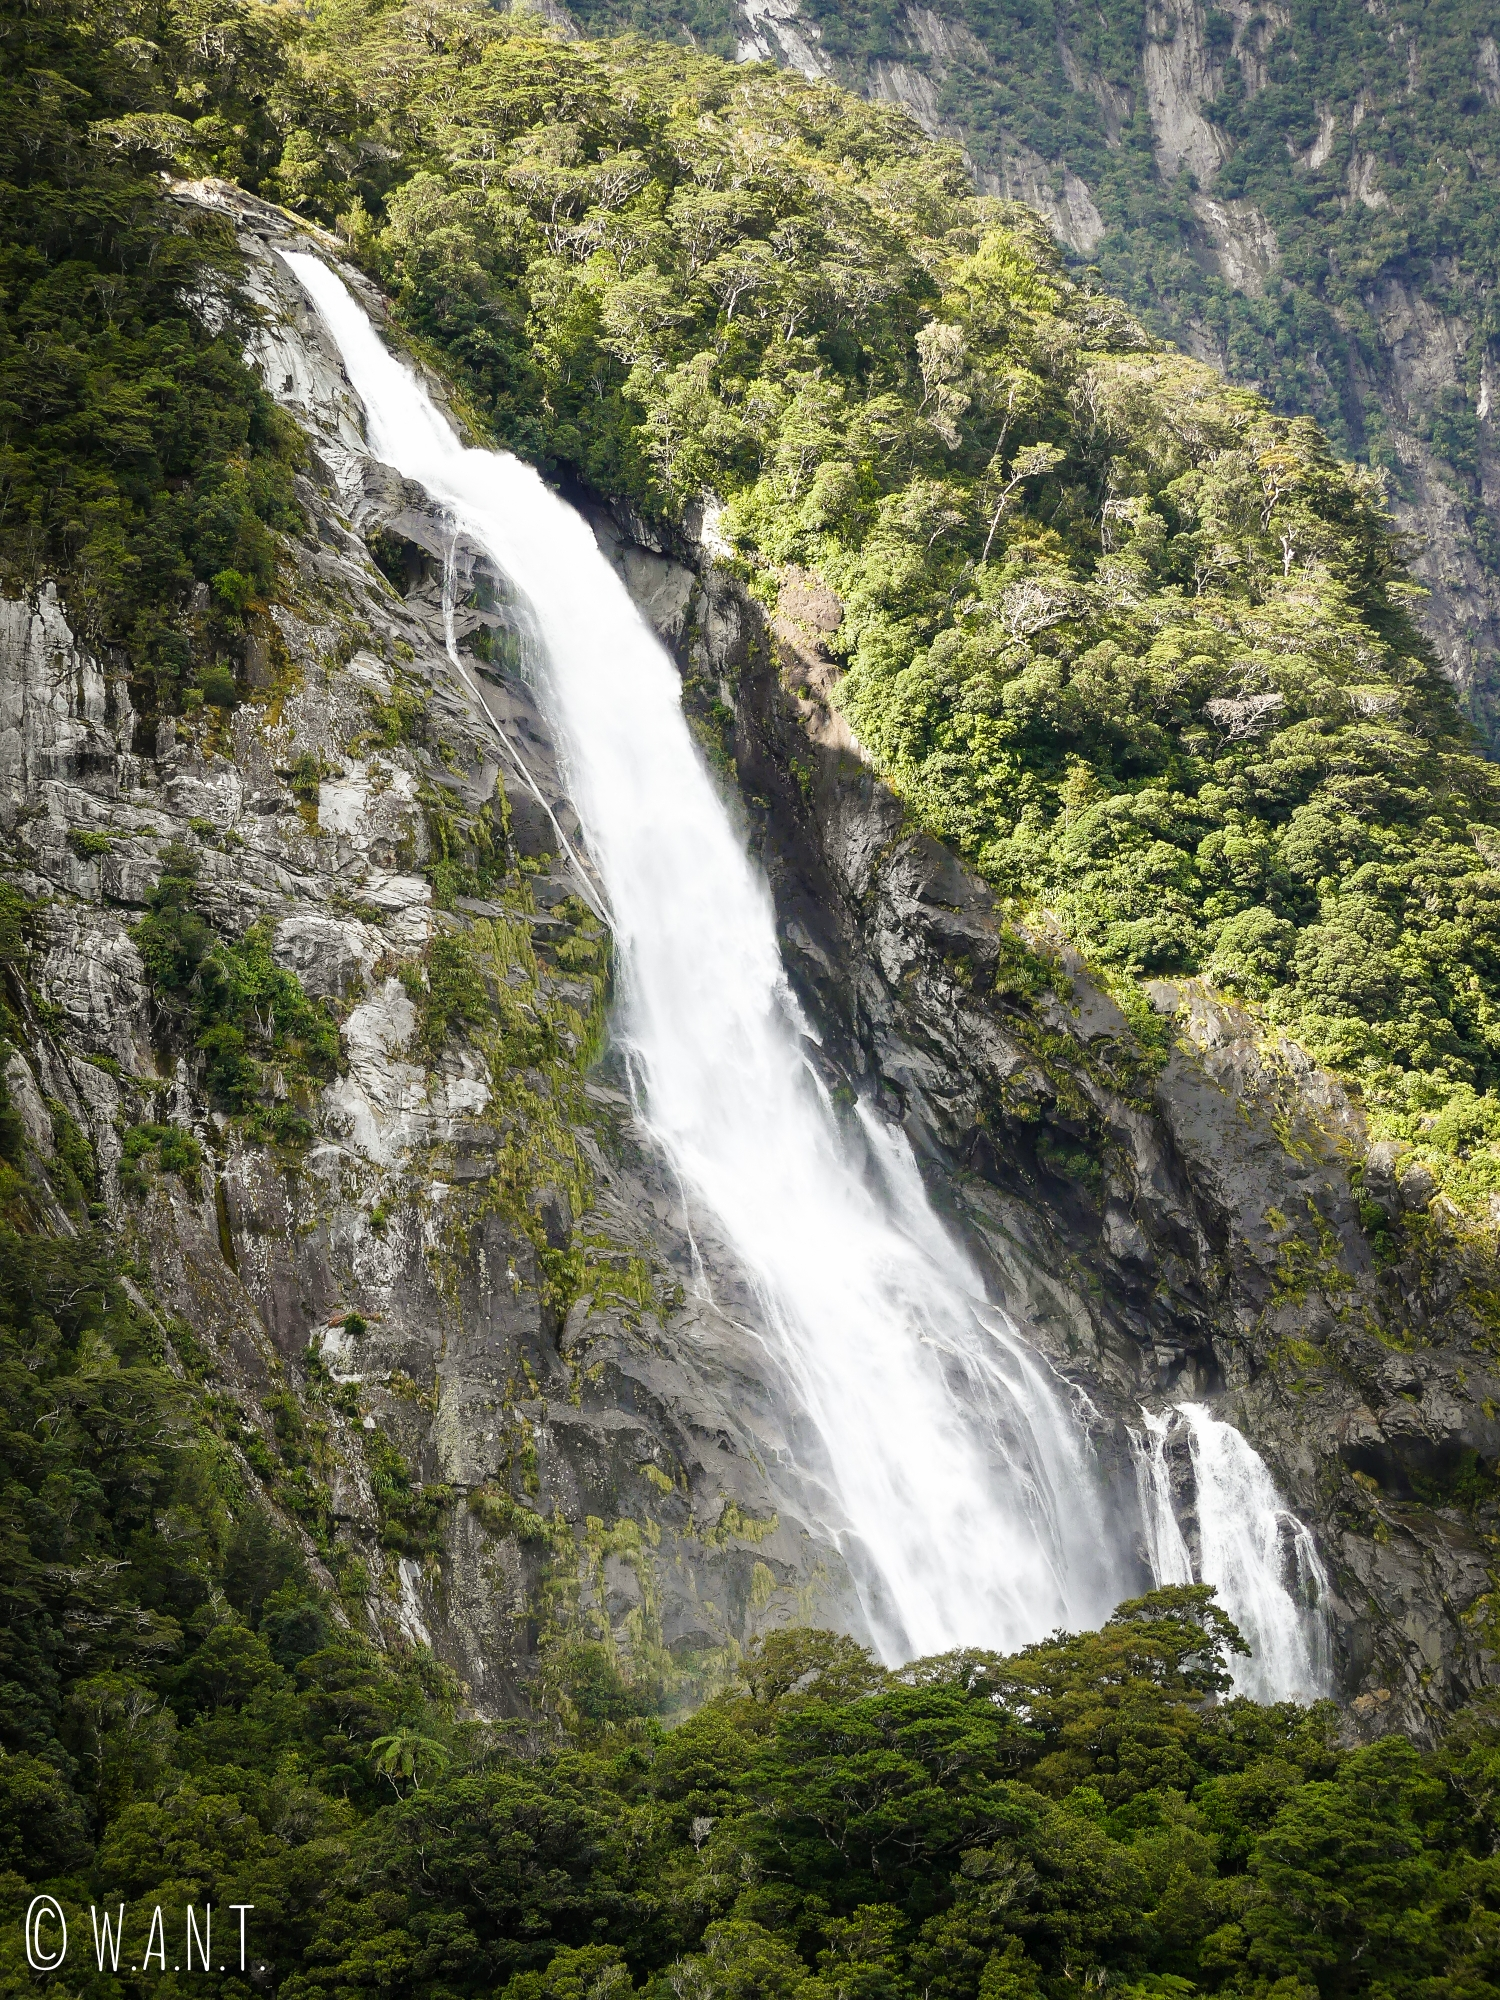 Il est impressionnant de voir l'eau dévaler la roche durant notre croisière sur le Milford Sound en Nouvelle-Zélande